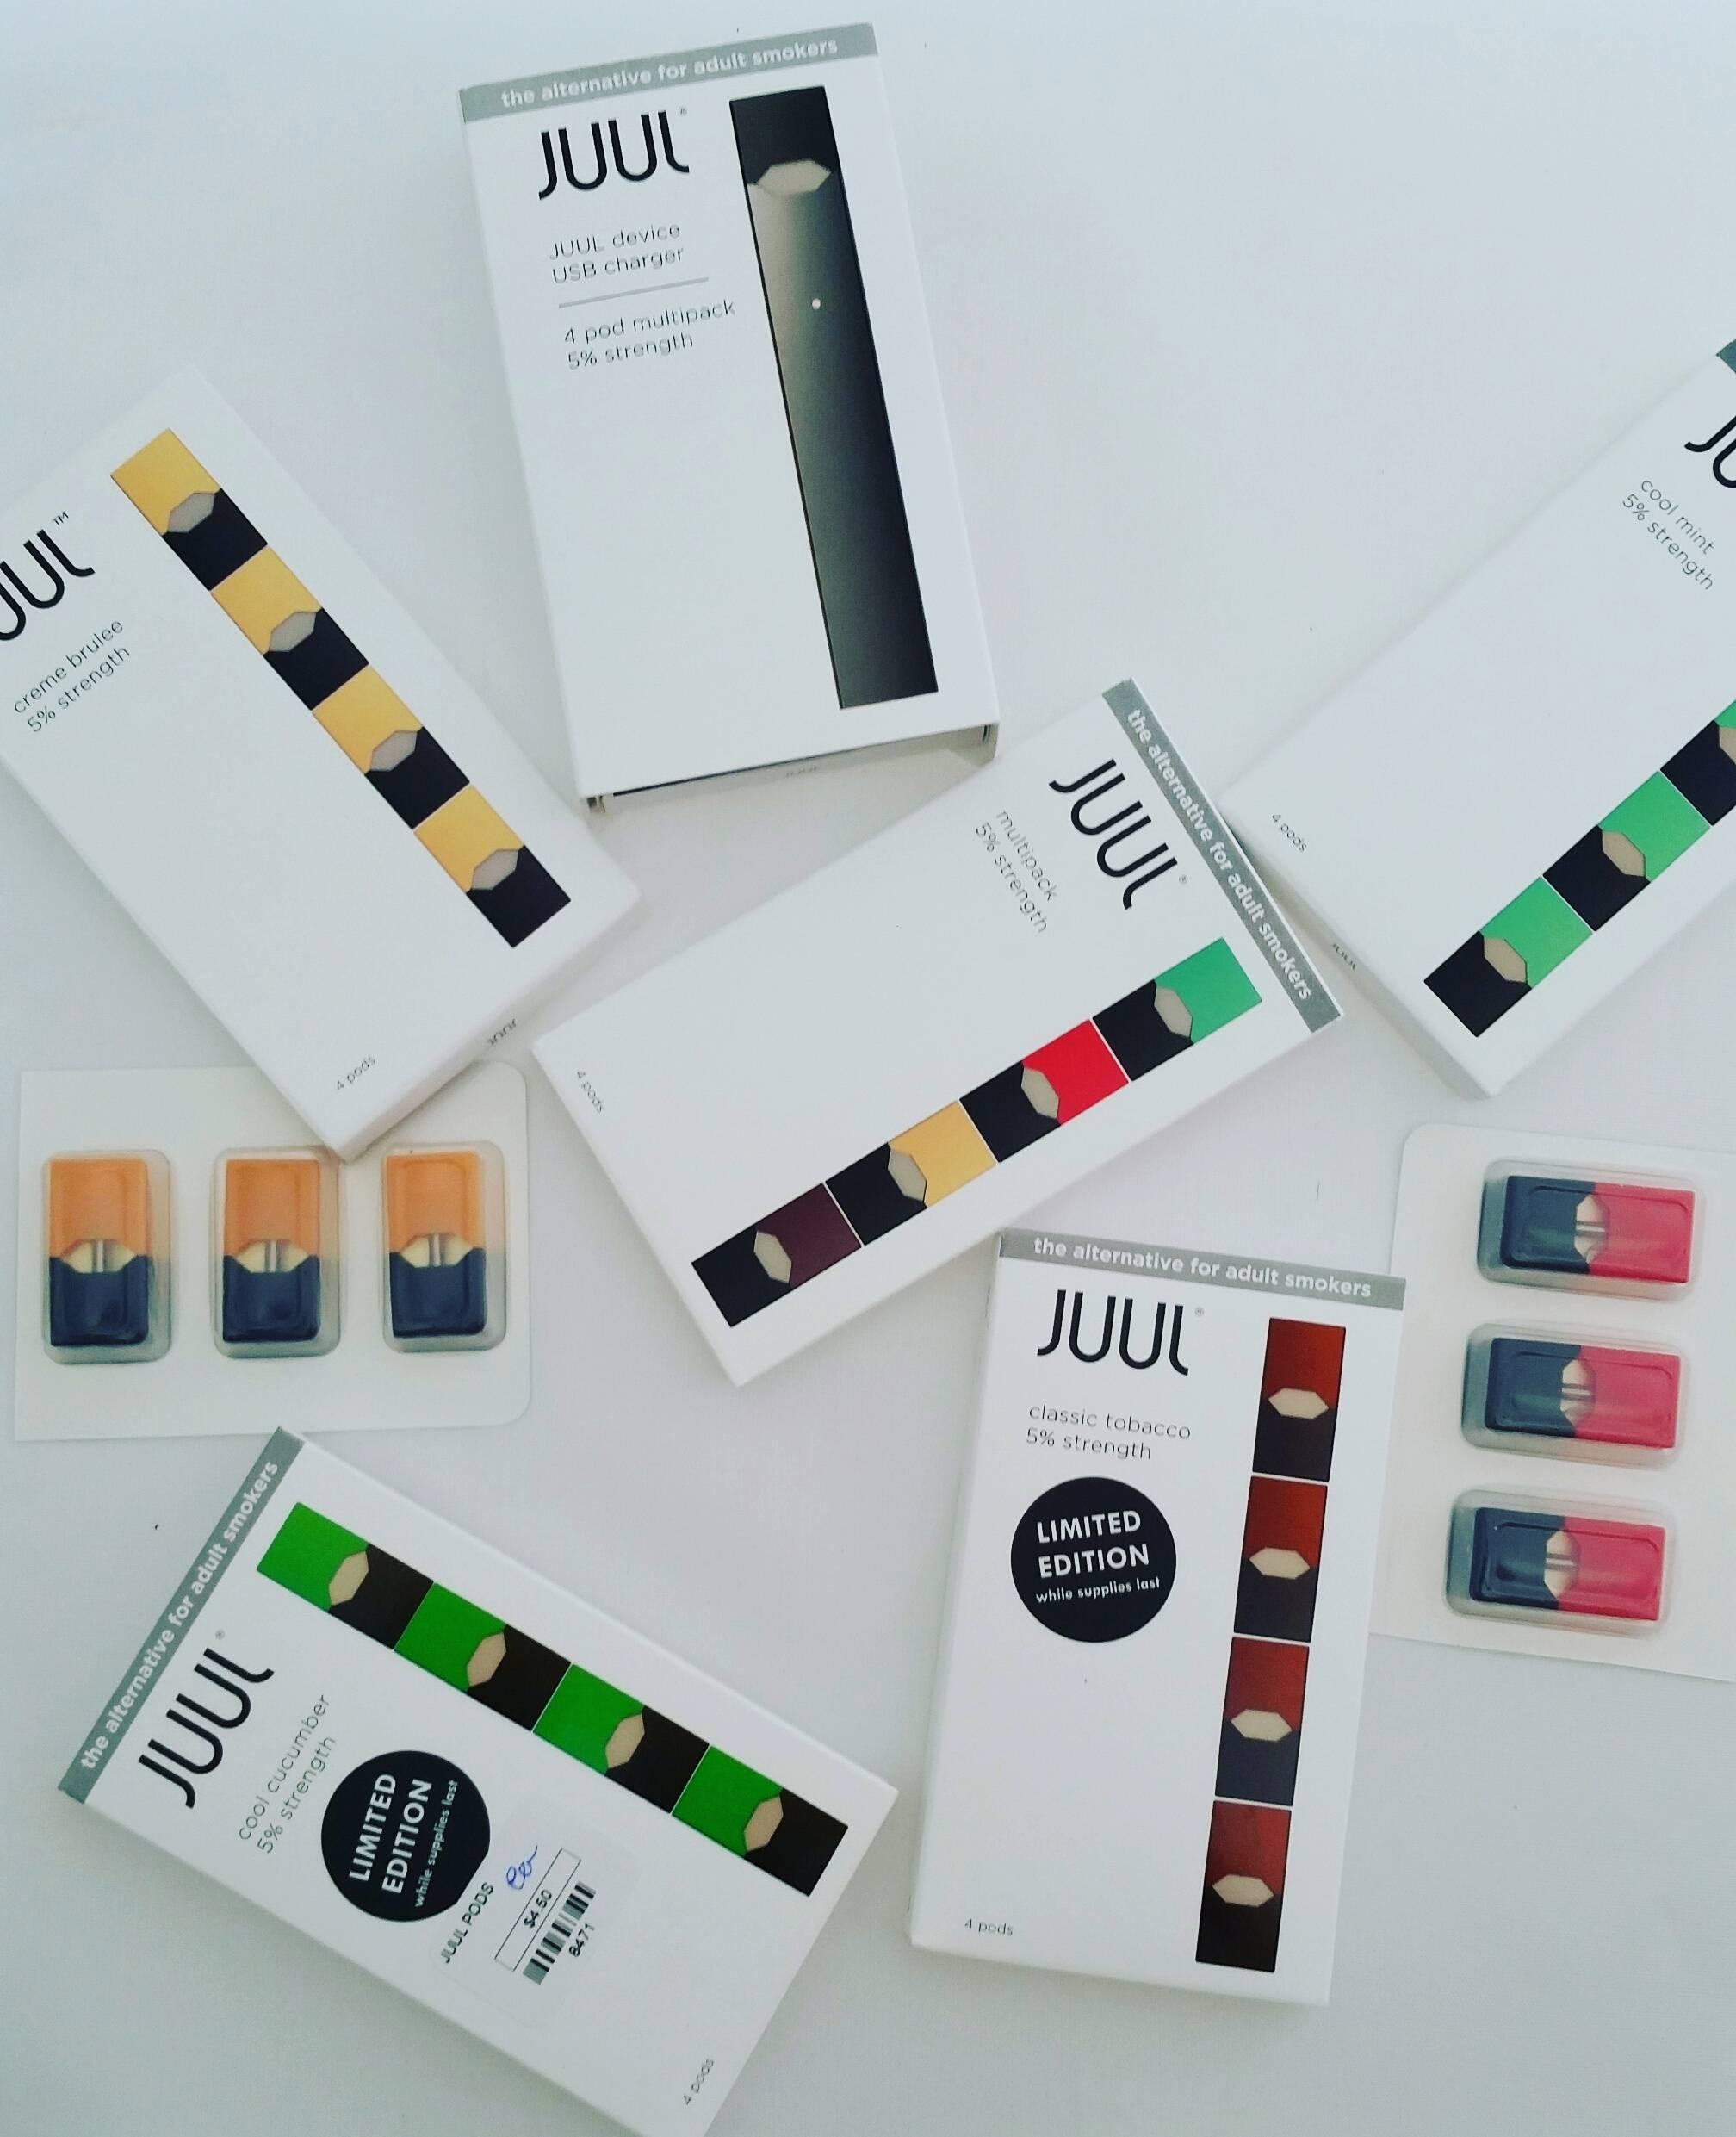 New in stock Juul e cigarette